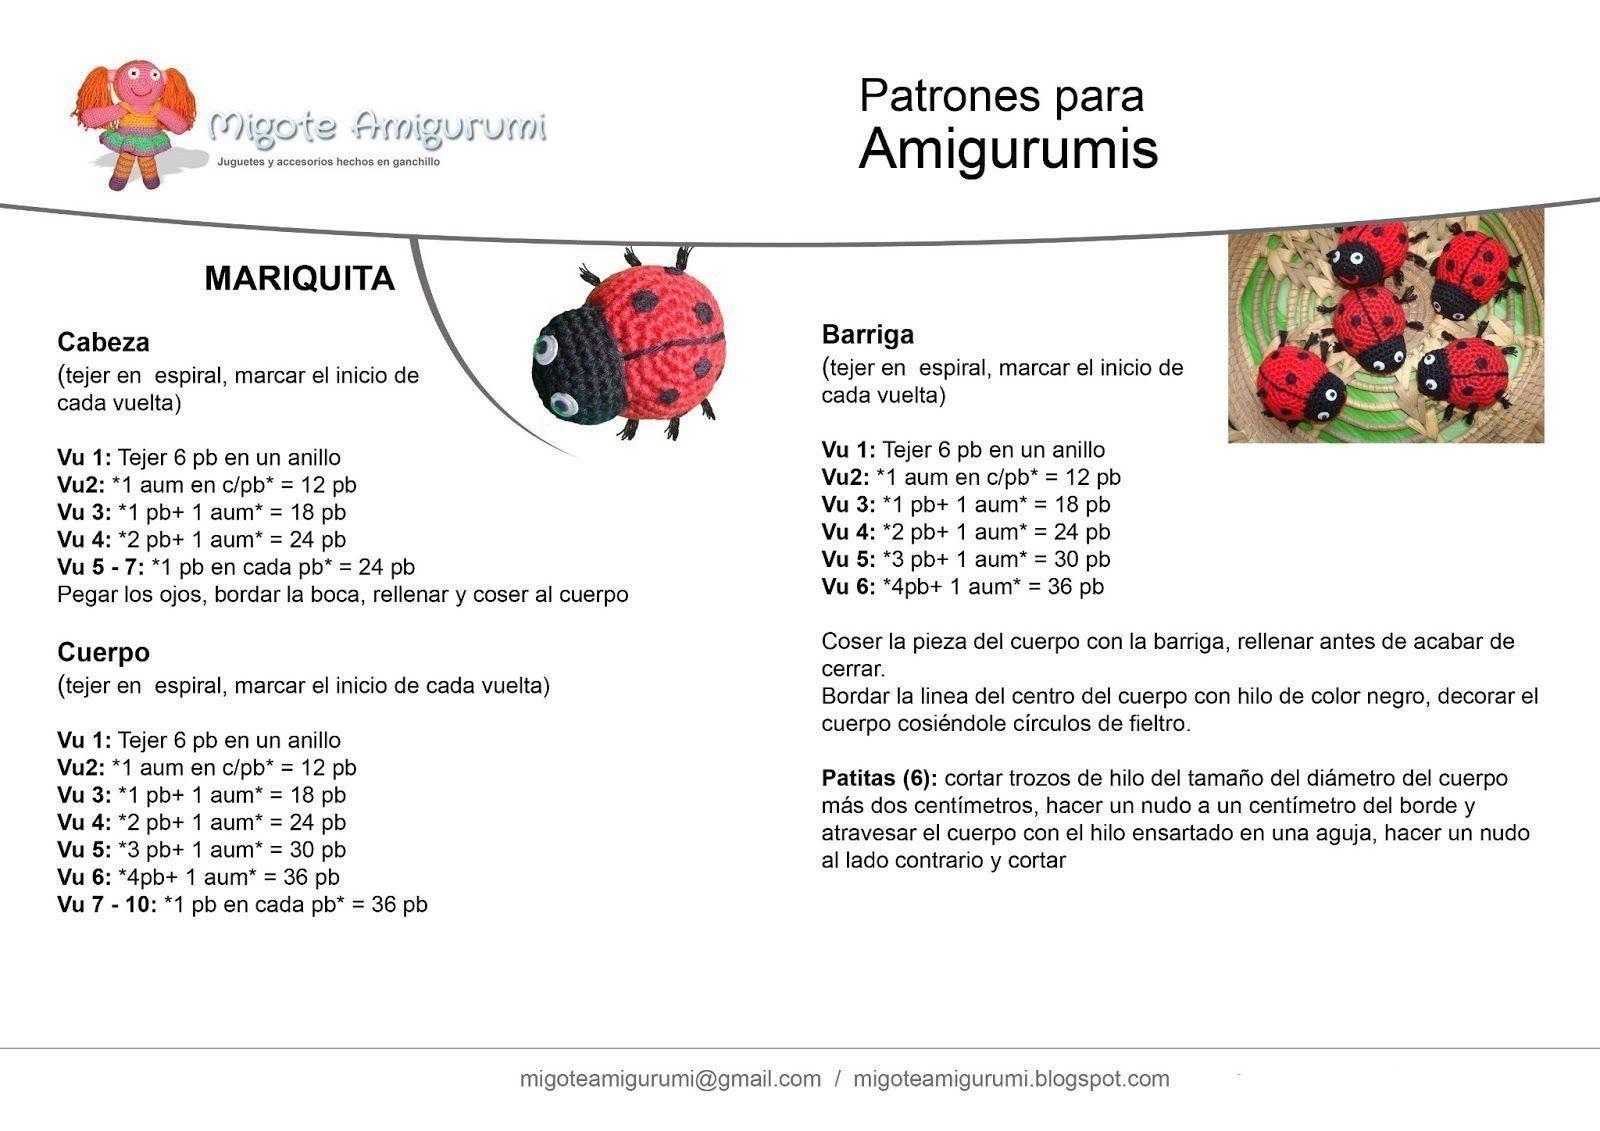 Patrón de mariquita amigurumi - Patrones gratis | Ganchillo ...